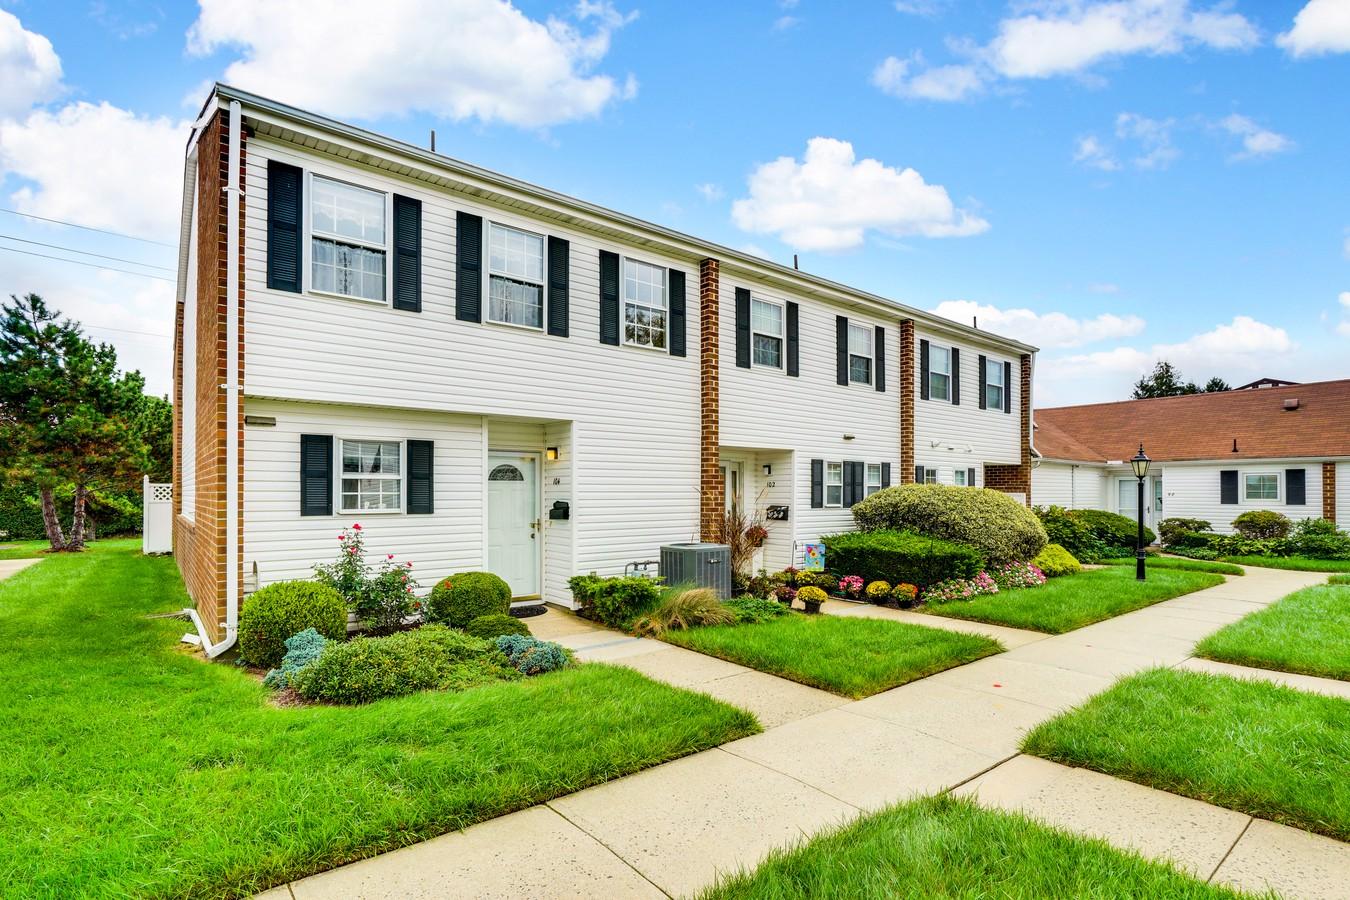 타운하우스 용 매매 에 Fairway Mews 104 Walnut Drive Spring Lake Heights, 뉴저지, 07762 미국